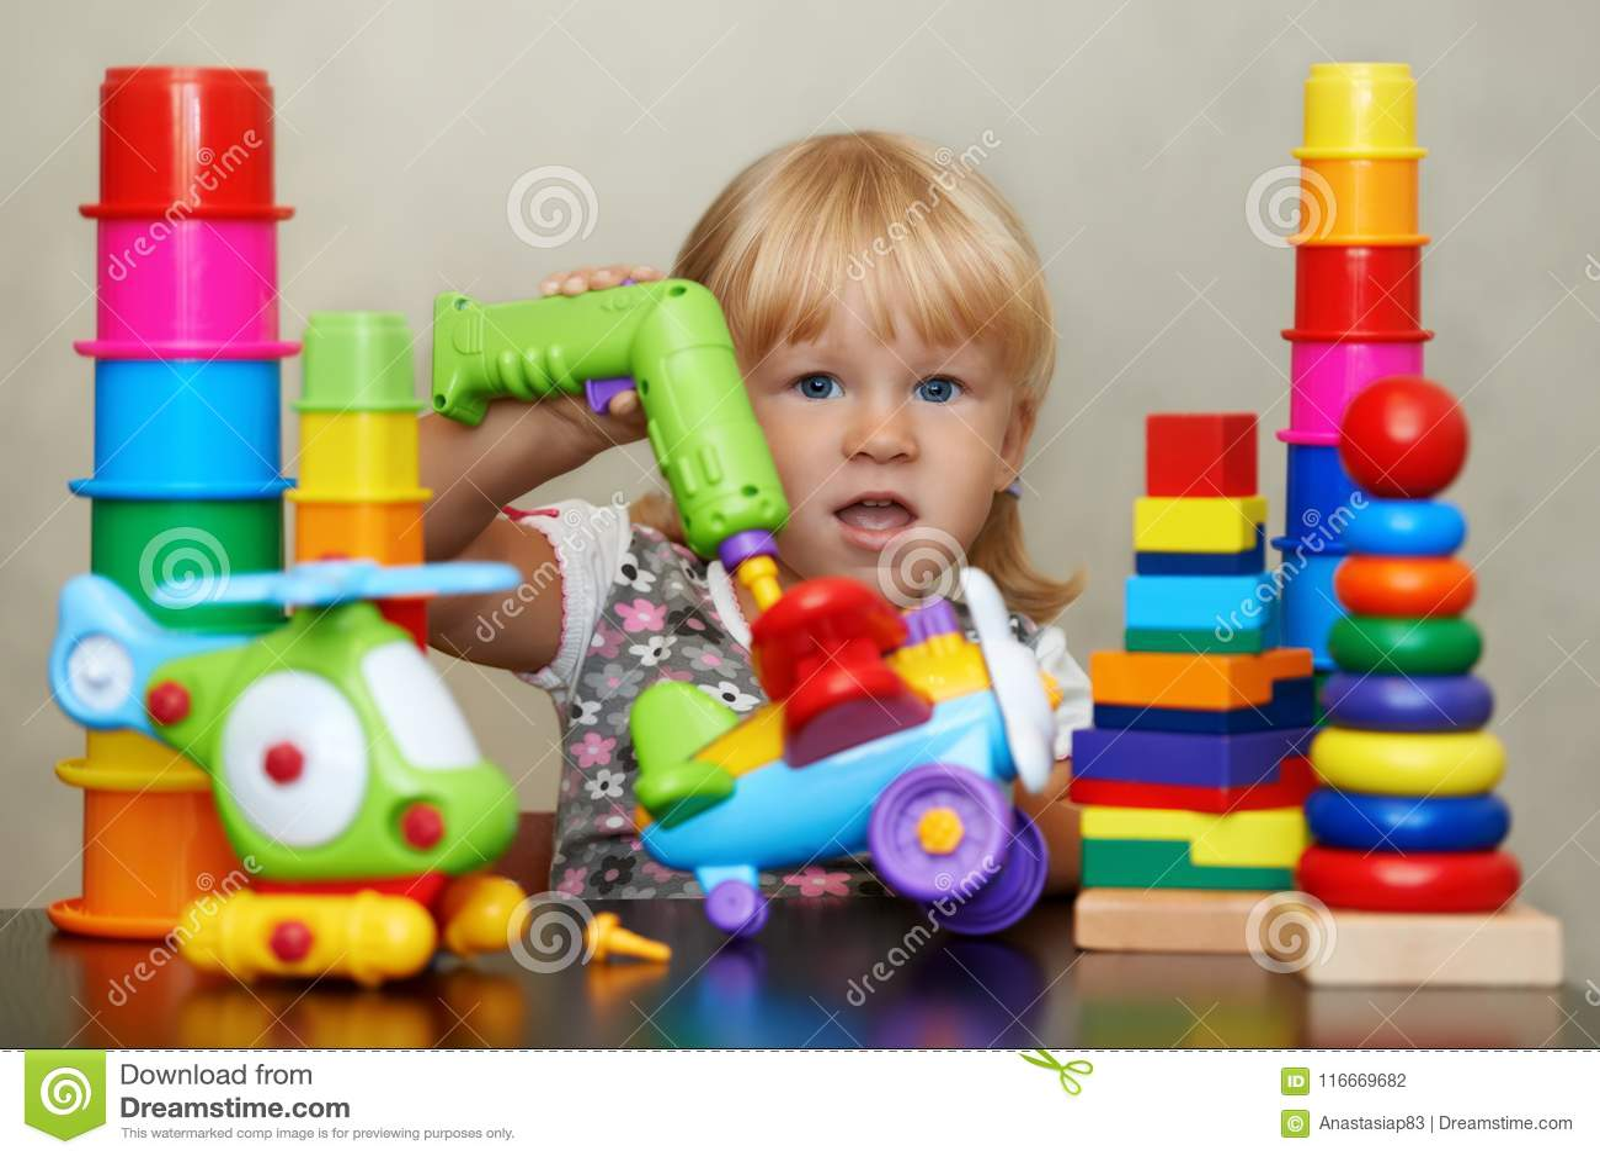 Realidade despercebida do mundo colorido mágico dos brinquedos